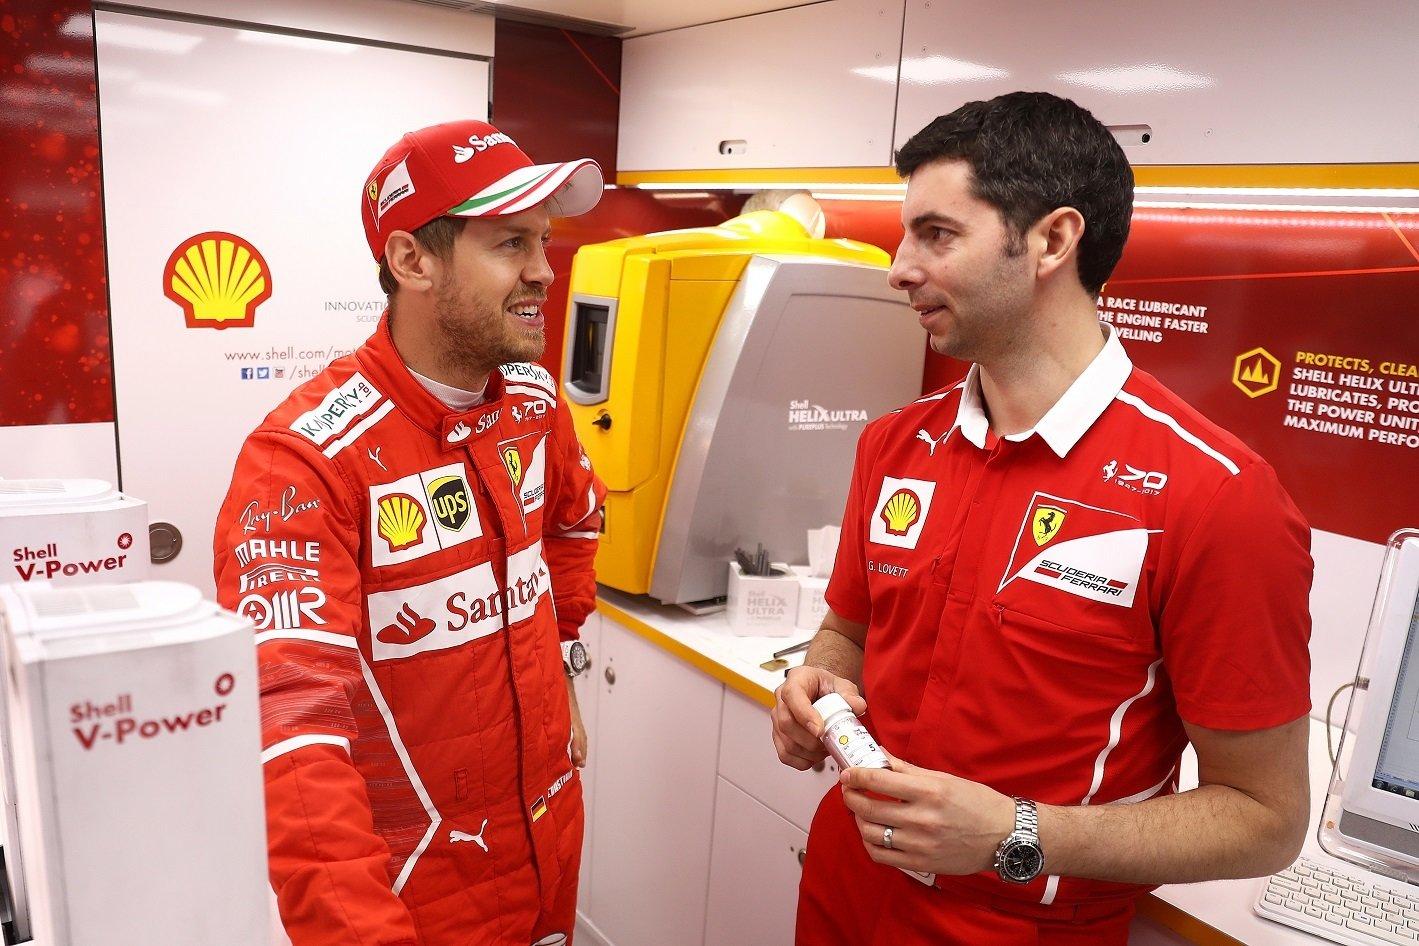 Lepsza wydajność silników bolidów Ferrari dzięki Shell